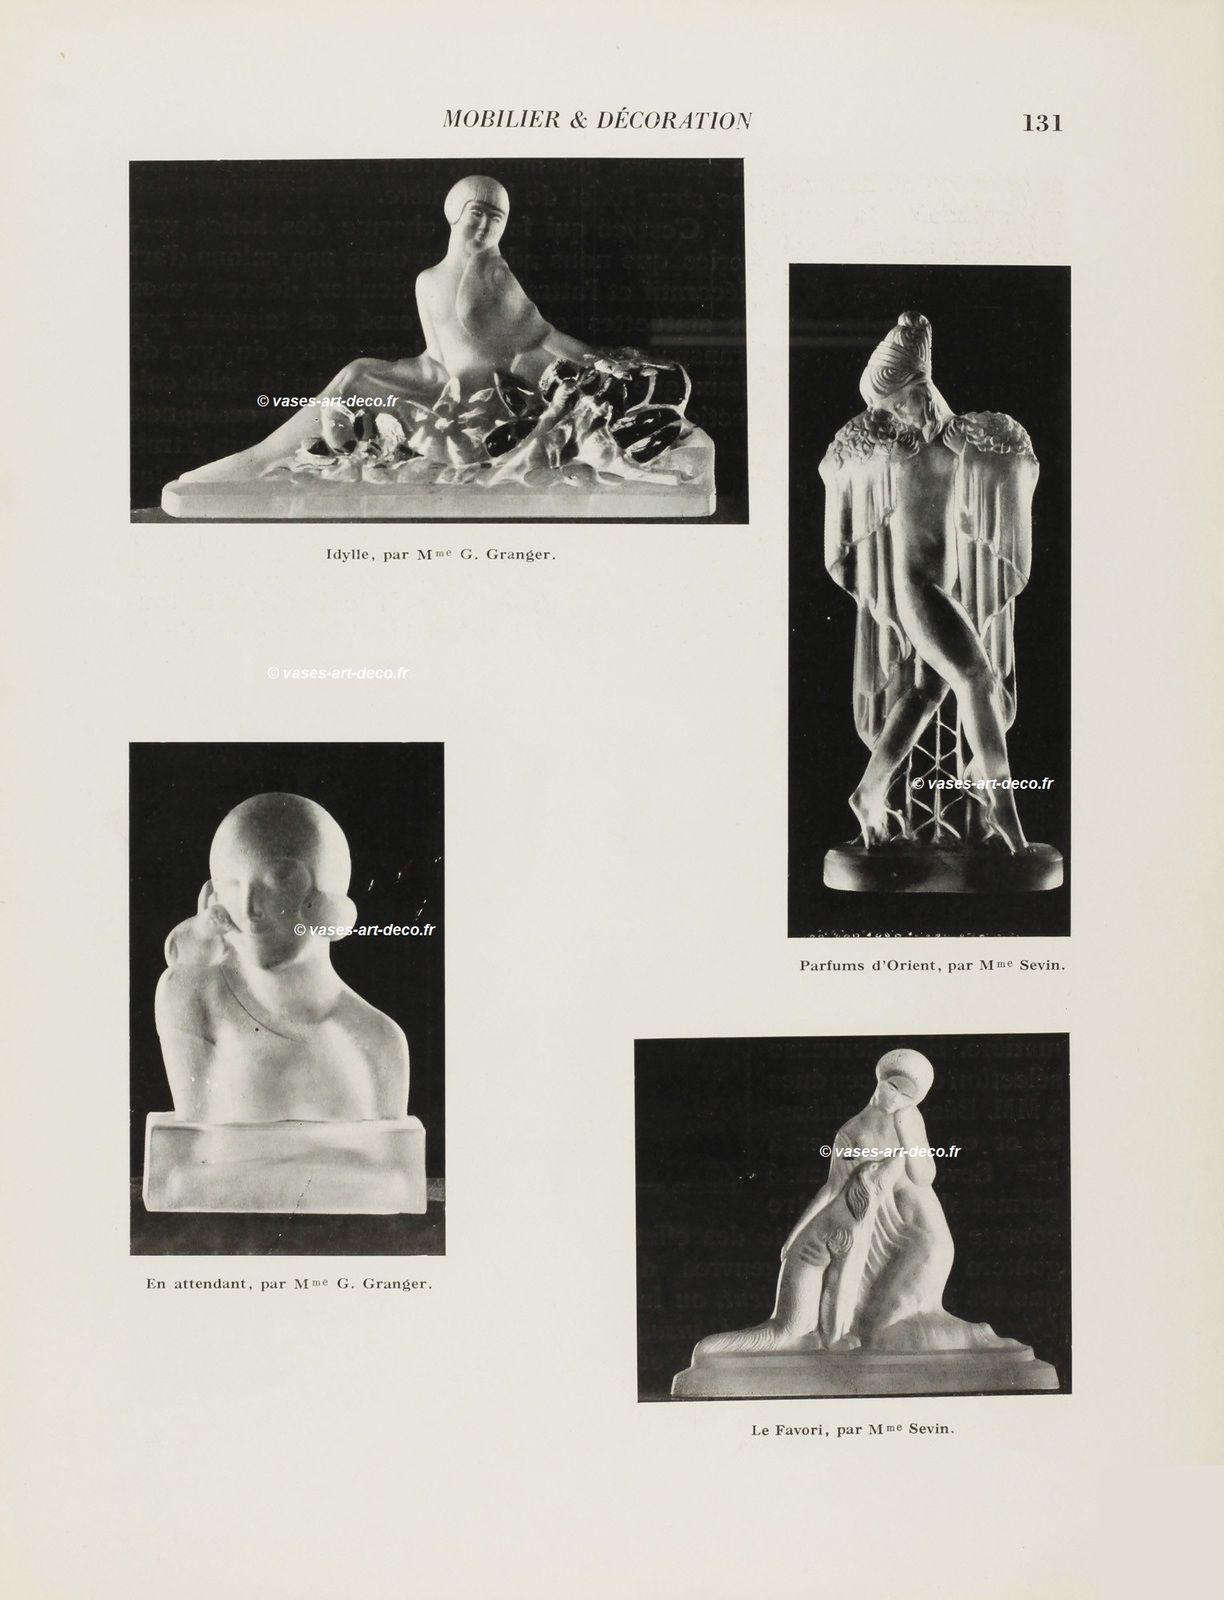 Mobilier et Décoration Mars 1932 p. 131